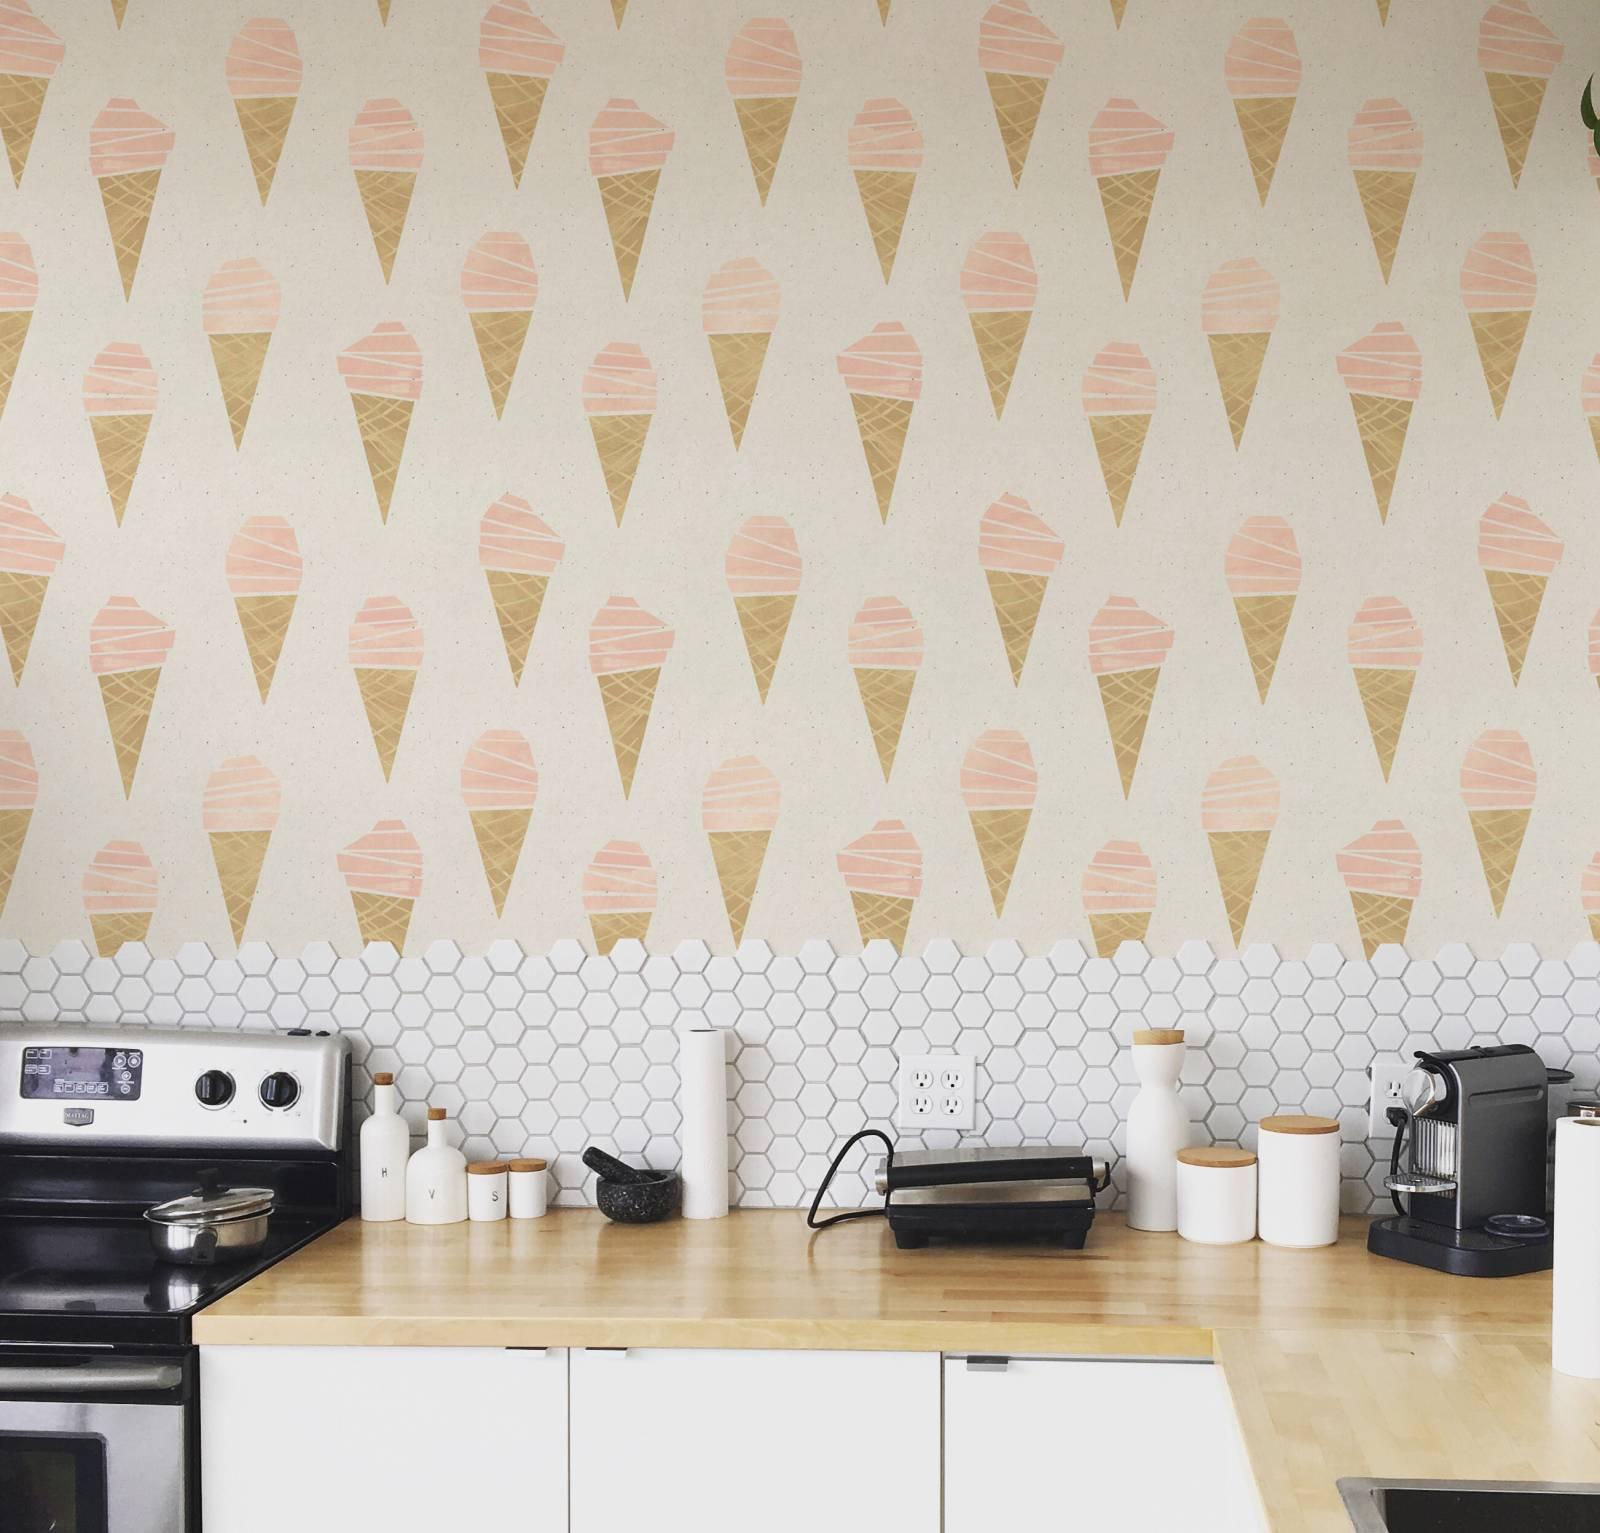 Papel de Parede Adesivo Ice Cream /Rolo imagem 1